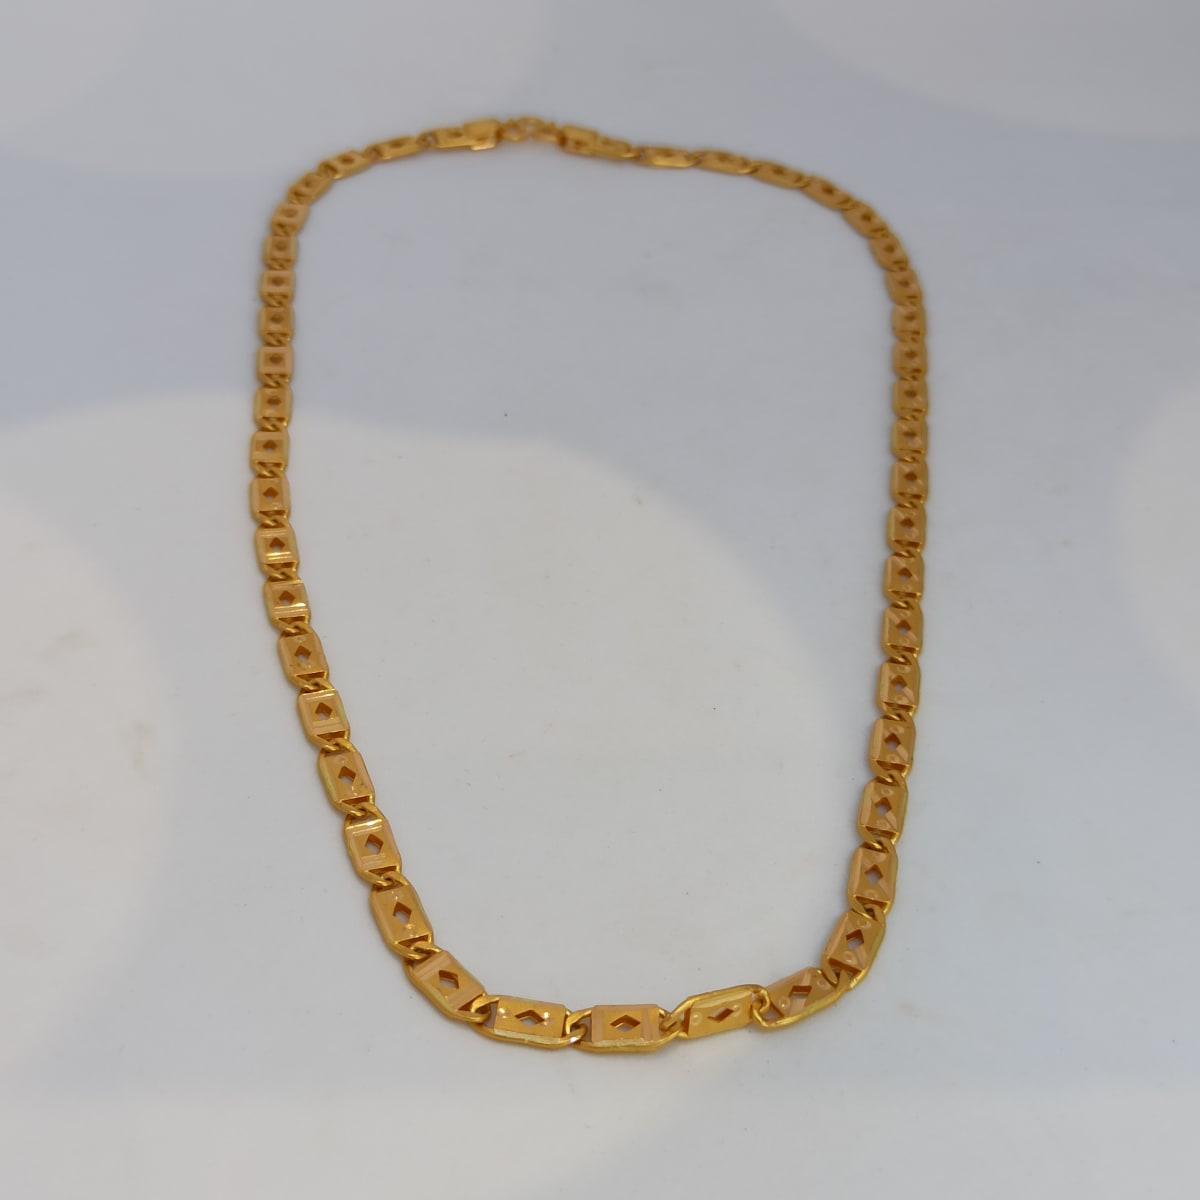 Rishabh Plain Gold Chain For Man